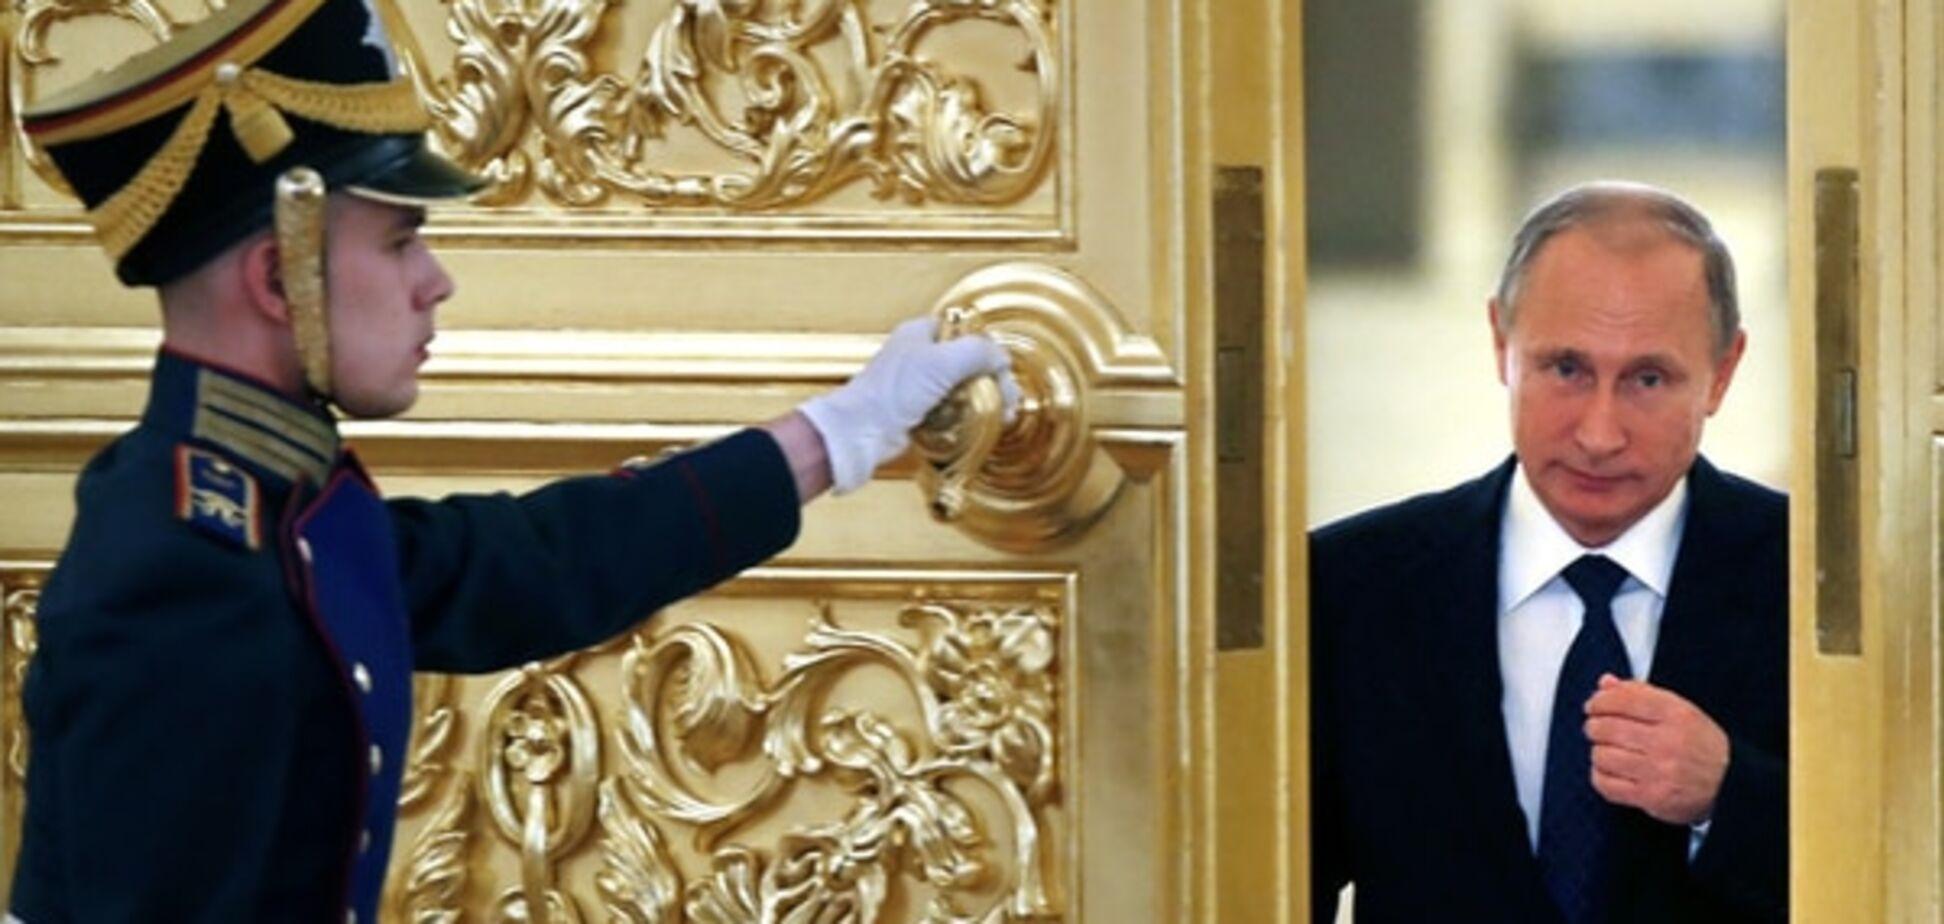 Генерал: для Путина люди – 'расходный материал'